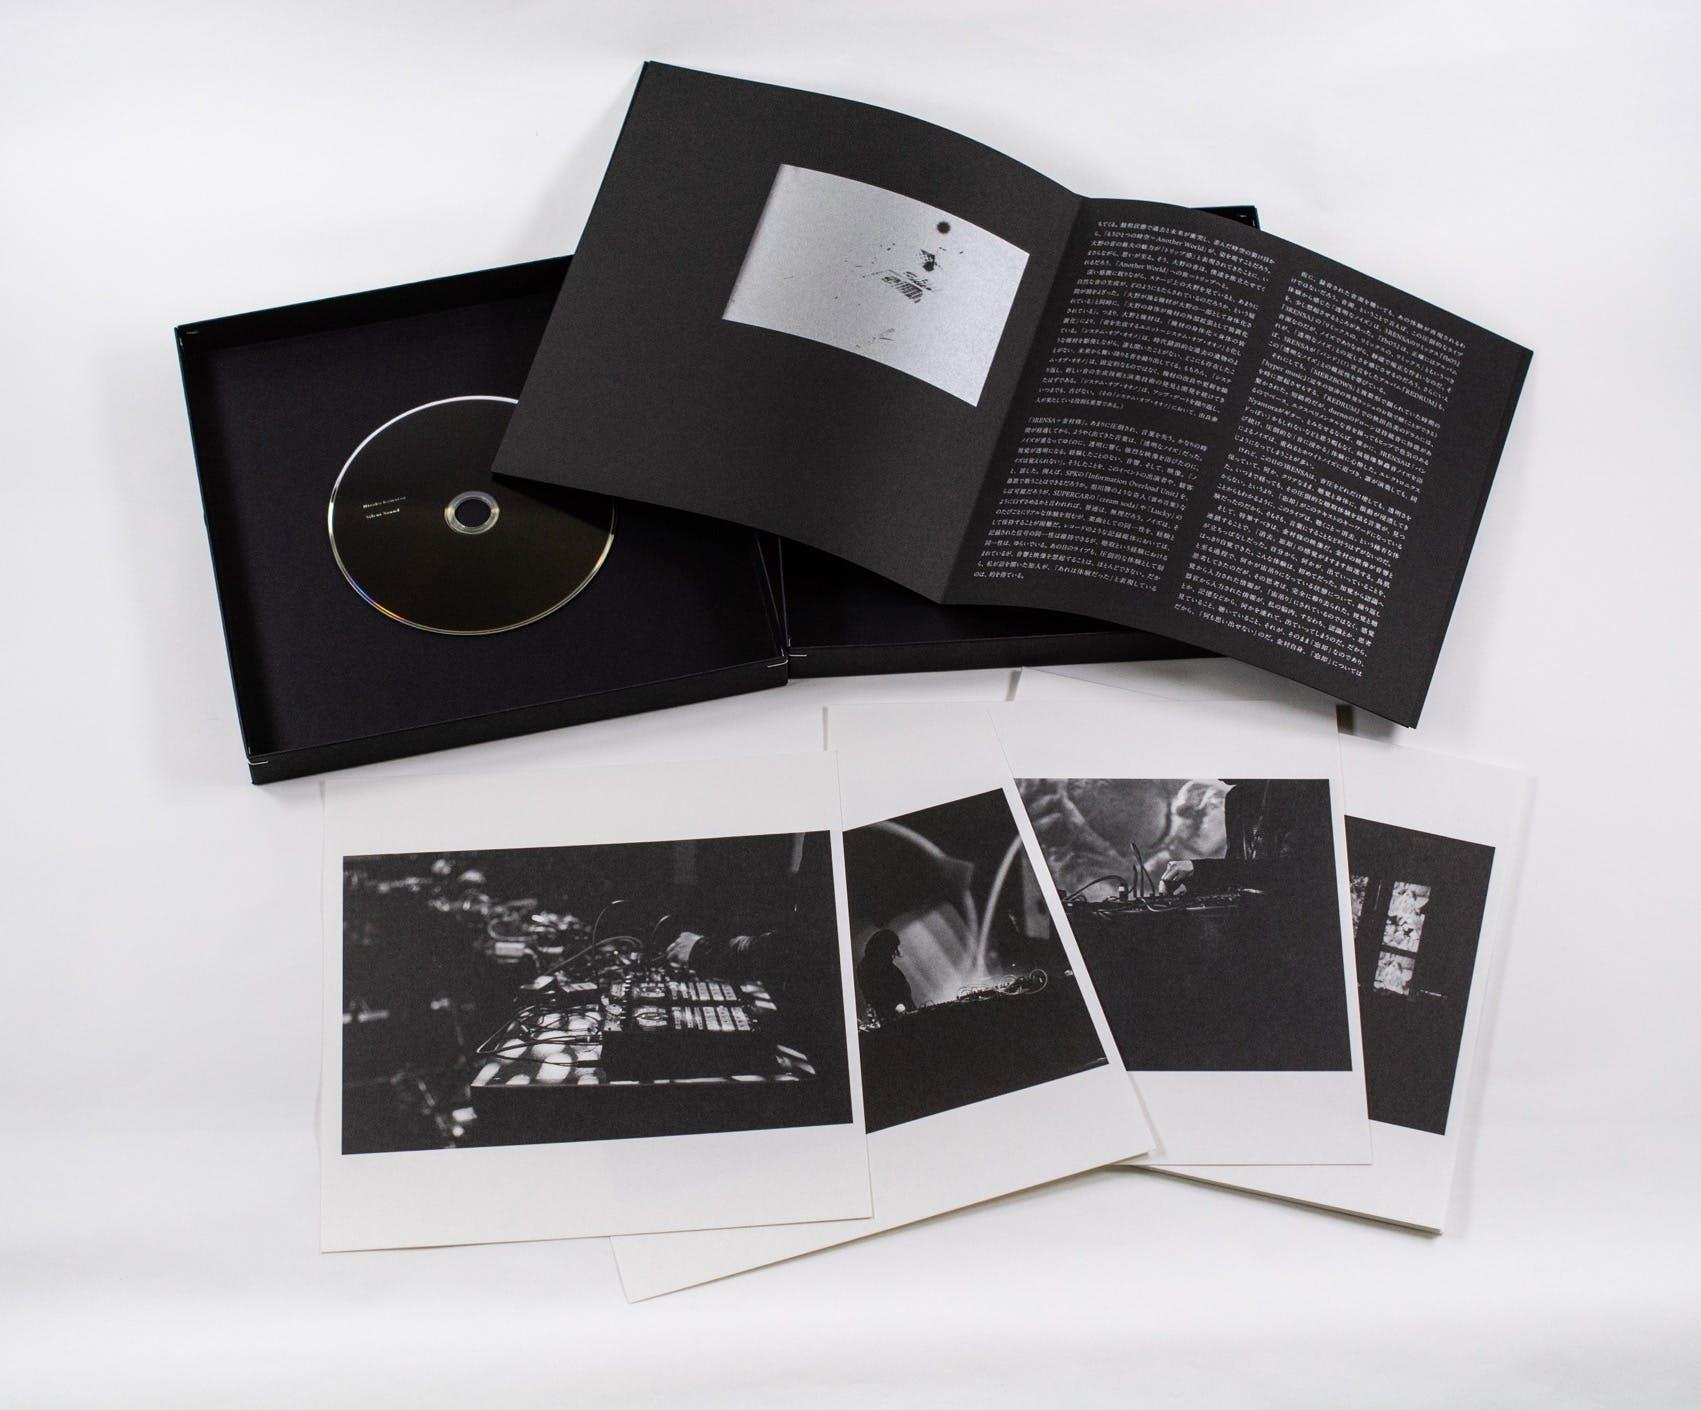 箱の内容は上段左から順にDVD、ブックレット、下段:オフセット印刷写真15枚(見本画像)